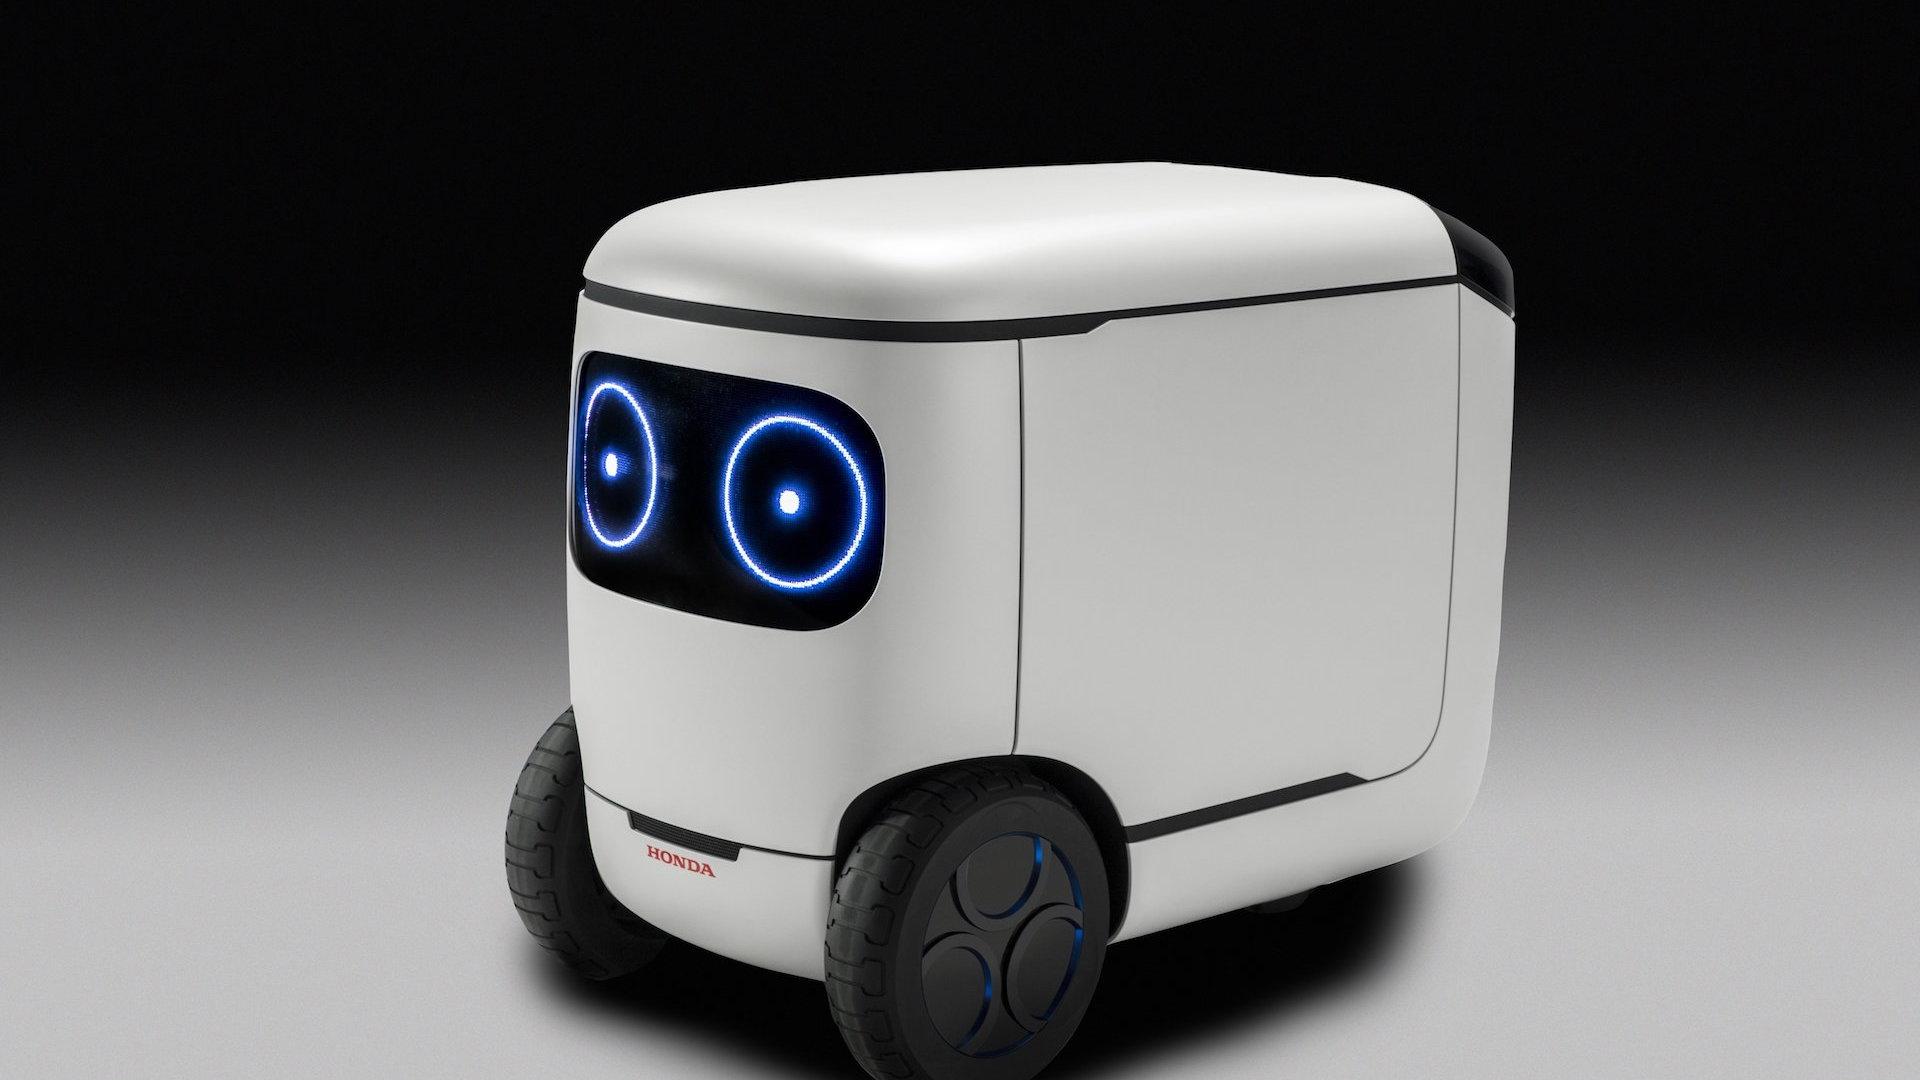 Honda 3E-C18 robot concept at 2018 CES